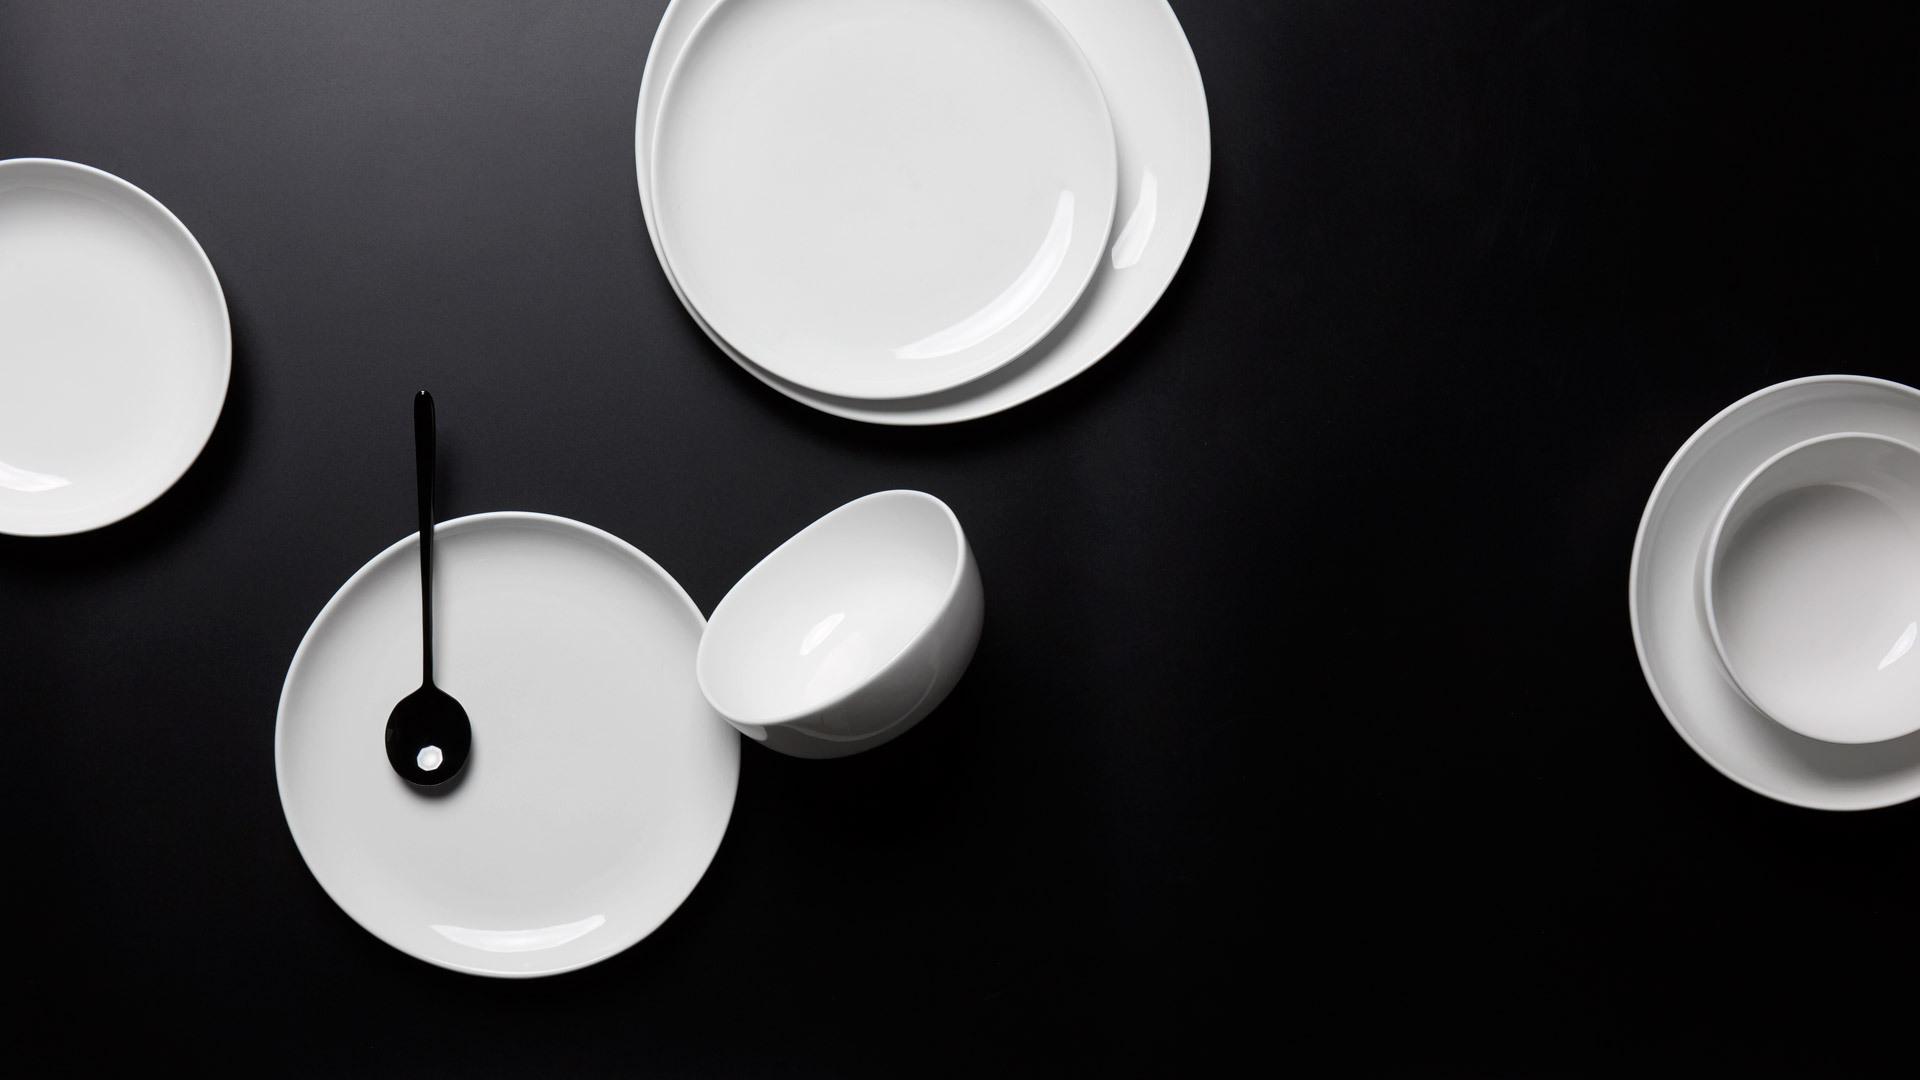 瓷白如玉,保留食物最美原色